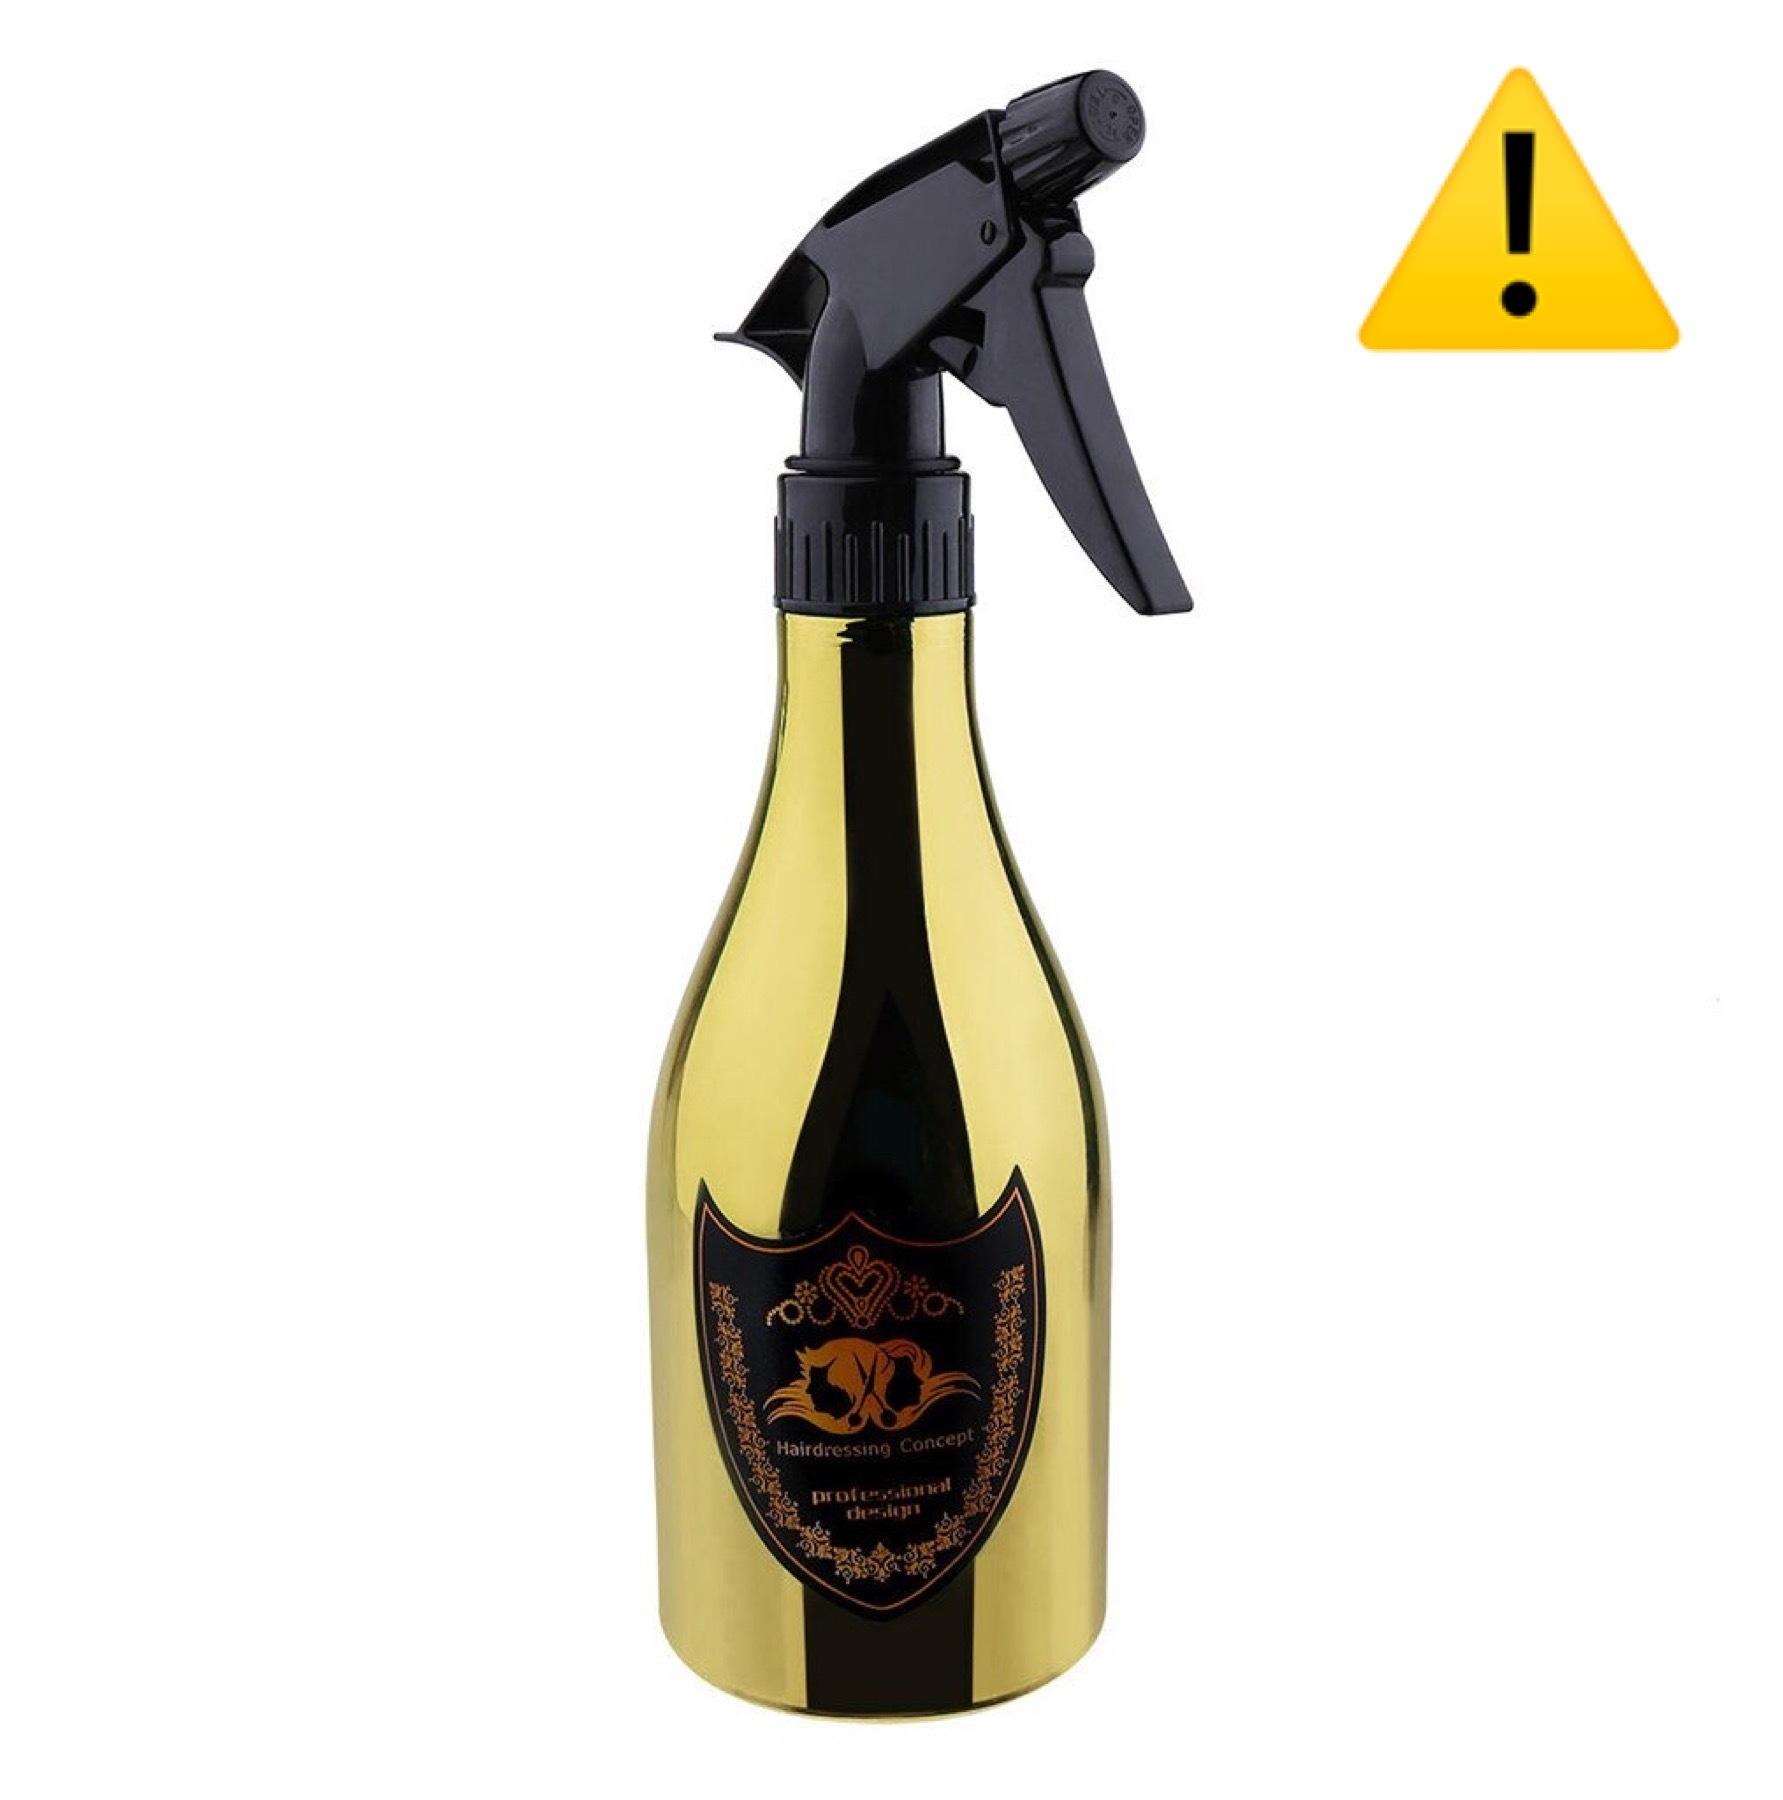 【訳アリ・アウトレット】シャンパンボトルデザイン 水スプレイヤー ゴールド